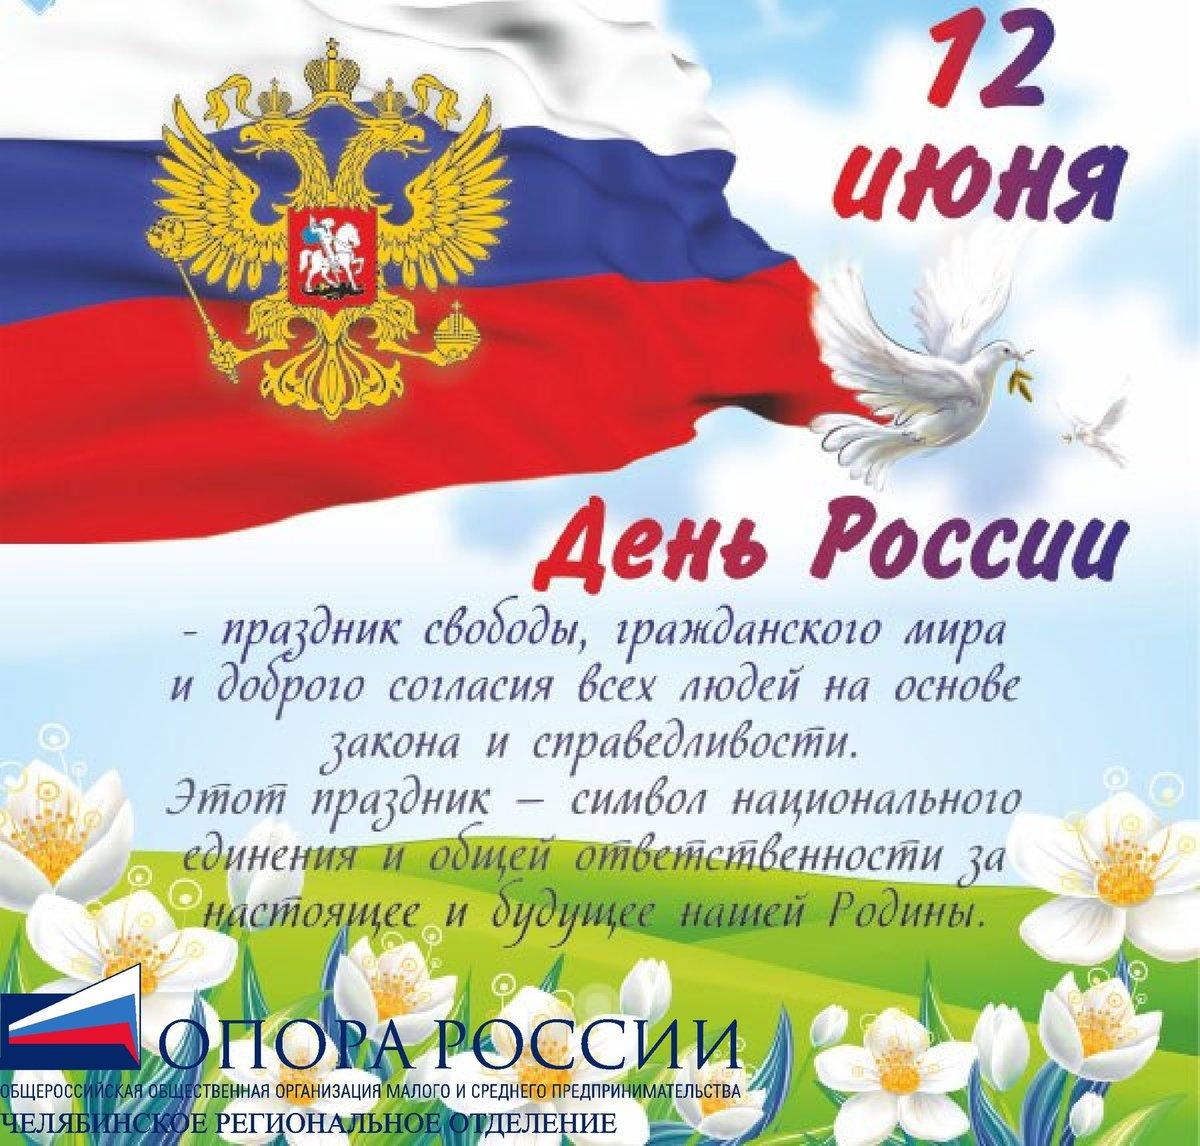 С днем россии поздравление в картинках, сегодня